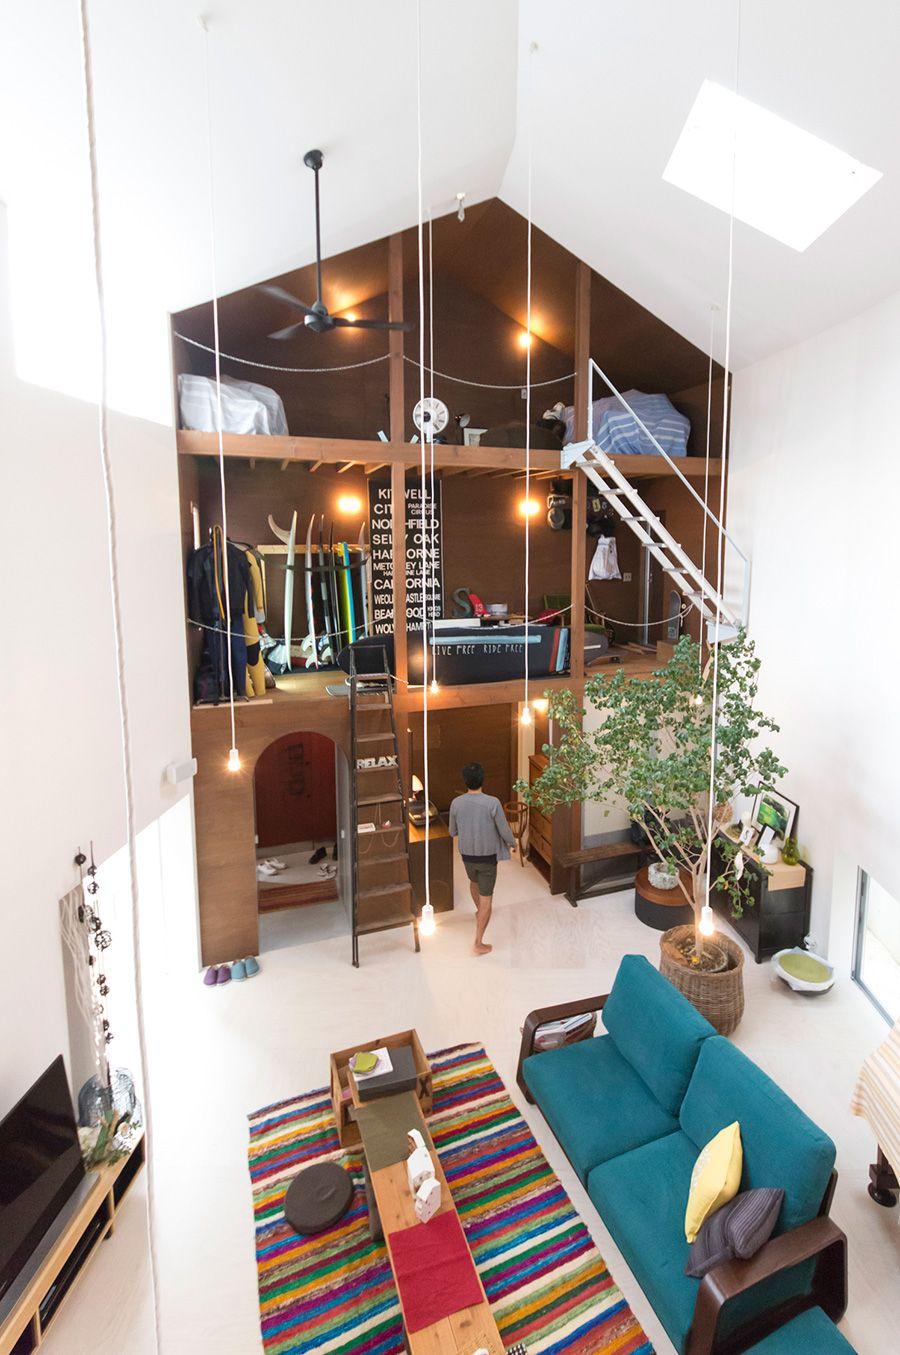 雅一さんのサーフハウスのサイド。リビングから見えるu201cガレージu201dという. Interior ArchitectureInterior DesignMountain  HousesHouse DesignSmall ...